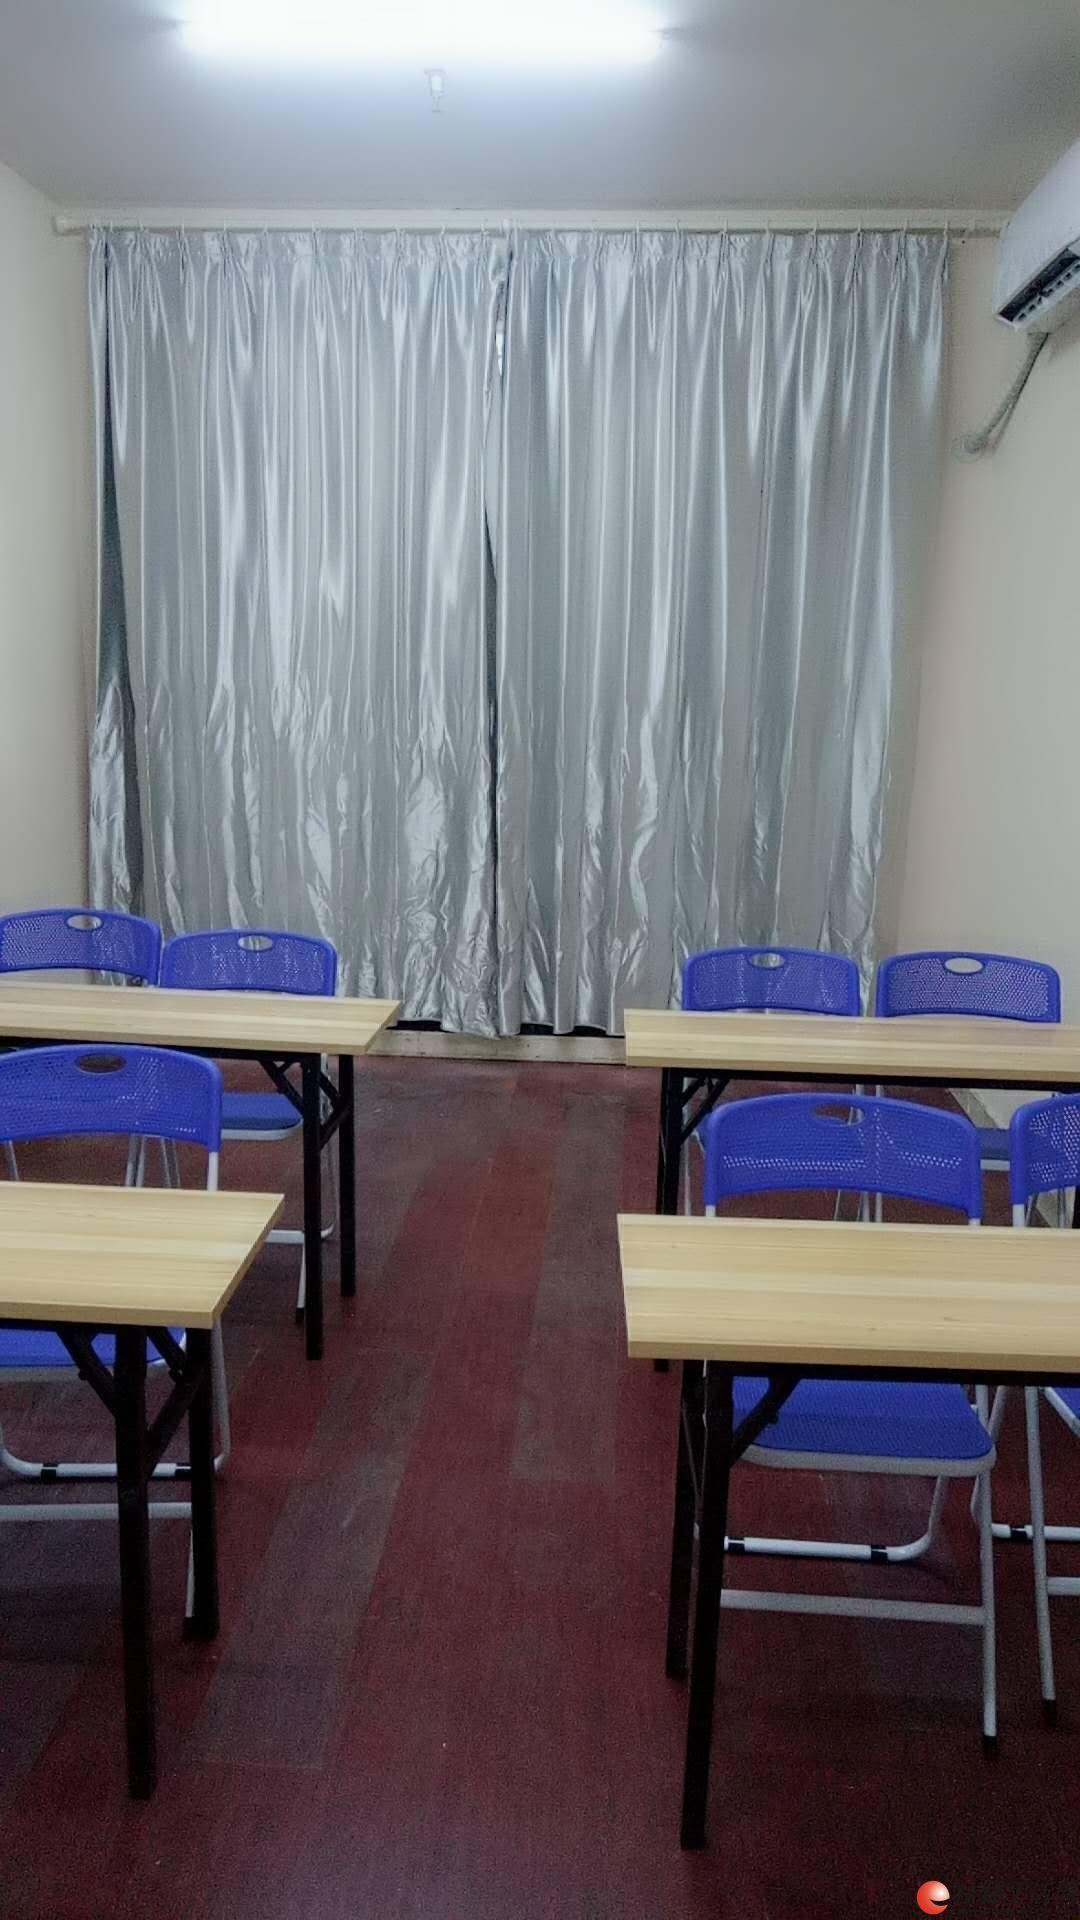 嘉上教育培训中心小班辅导开课了